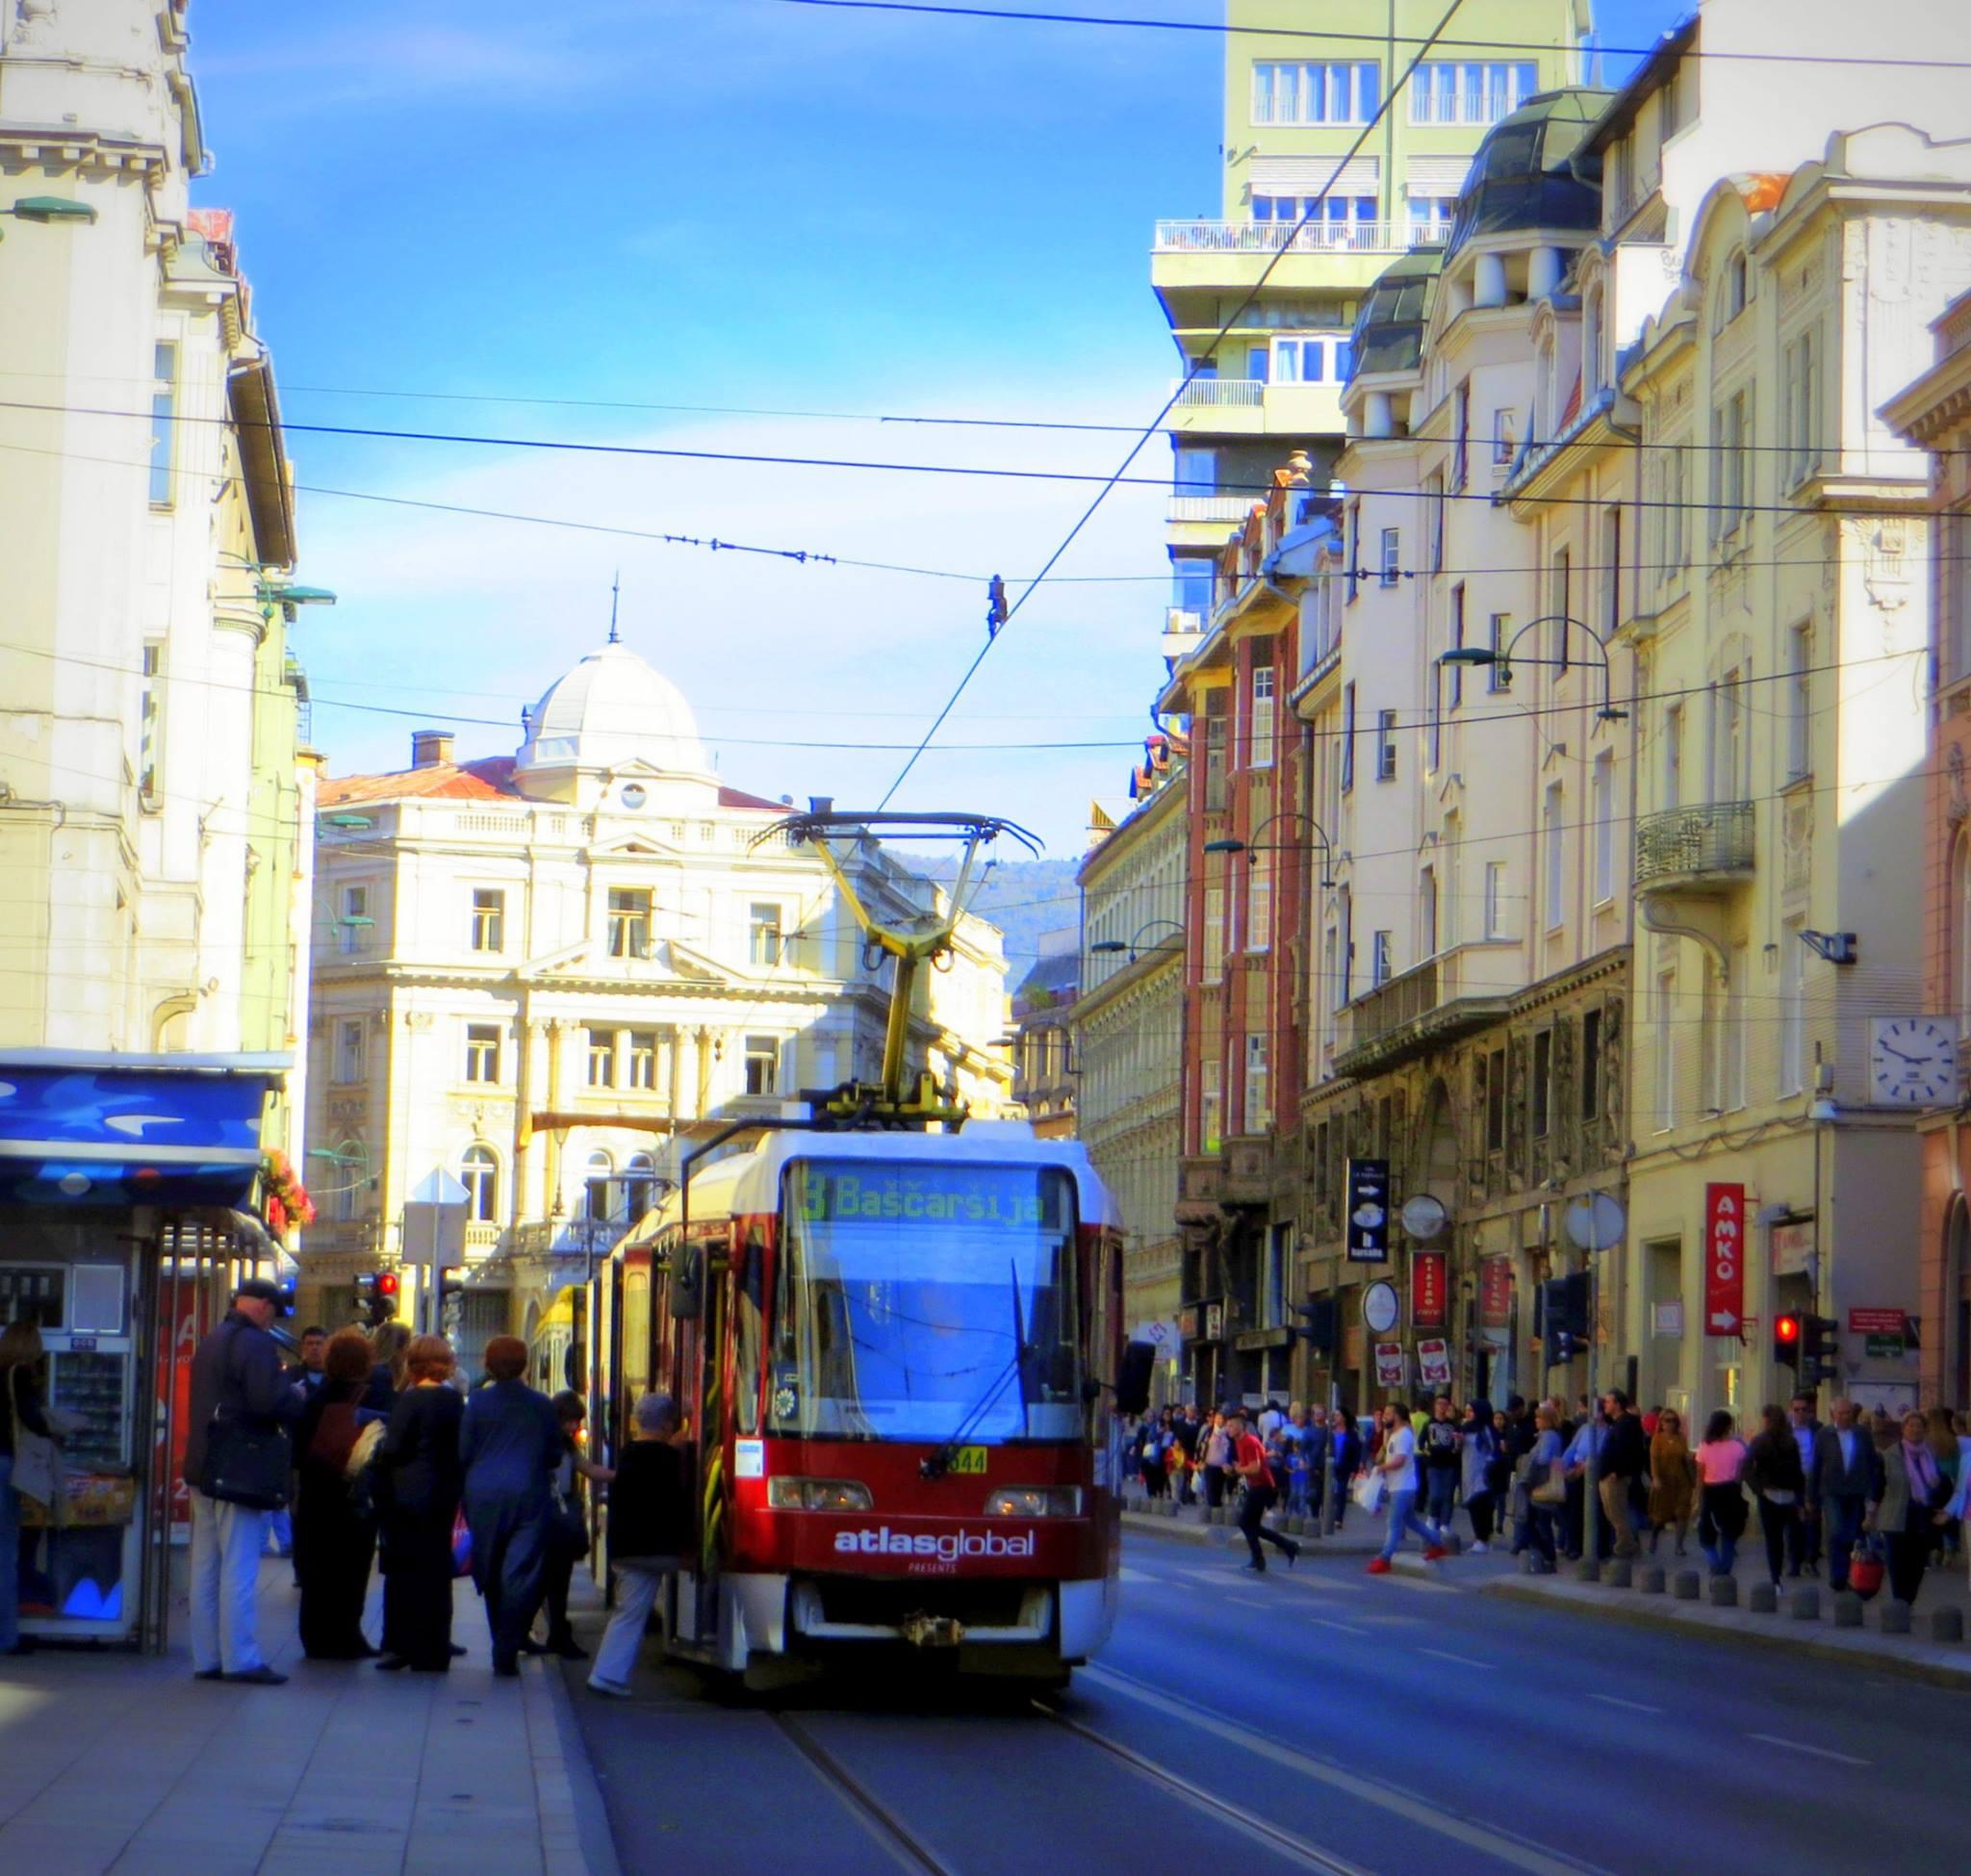 Sunčani četvrtak na Čeki (Sarajevo, 6. oktobar 2017, foto: Mina Ćorić)